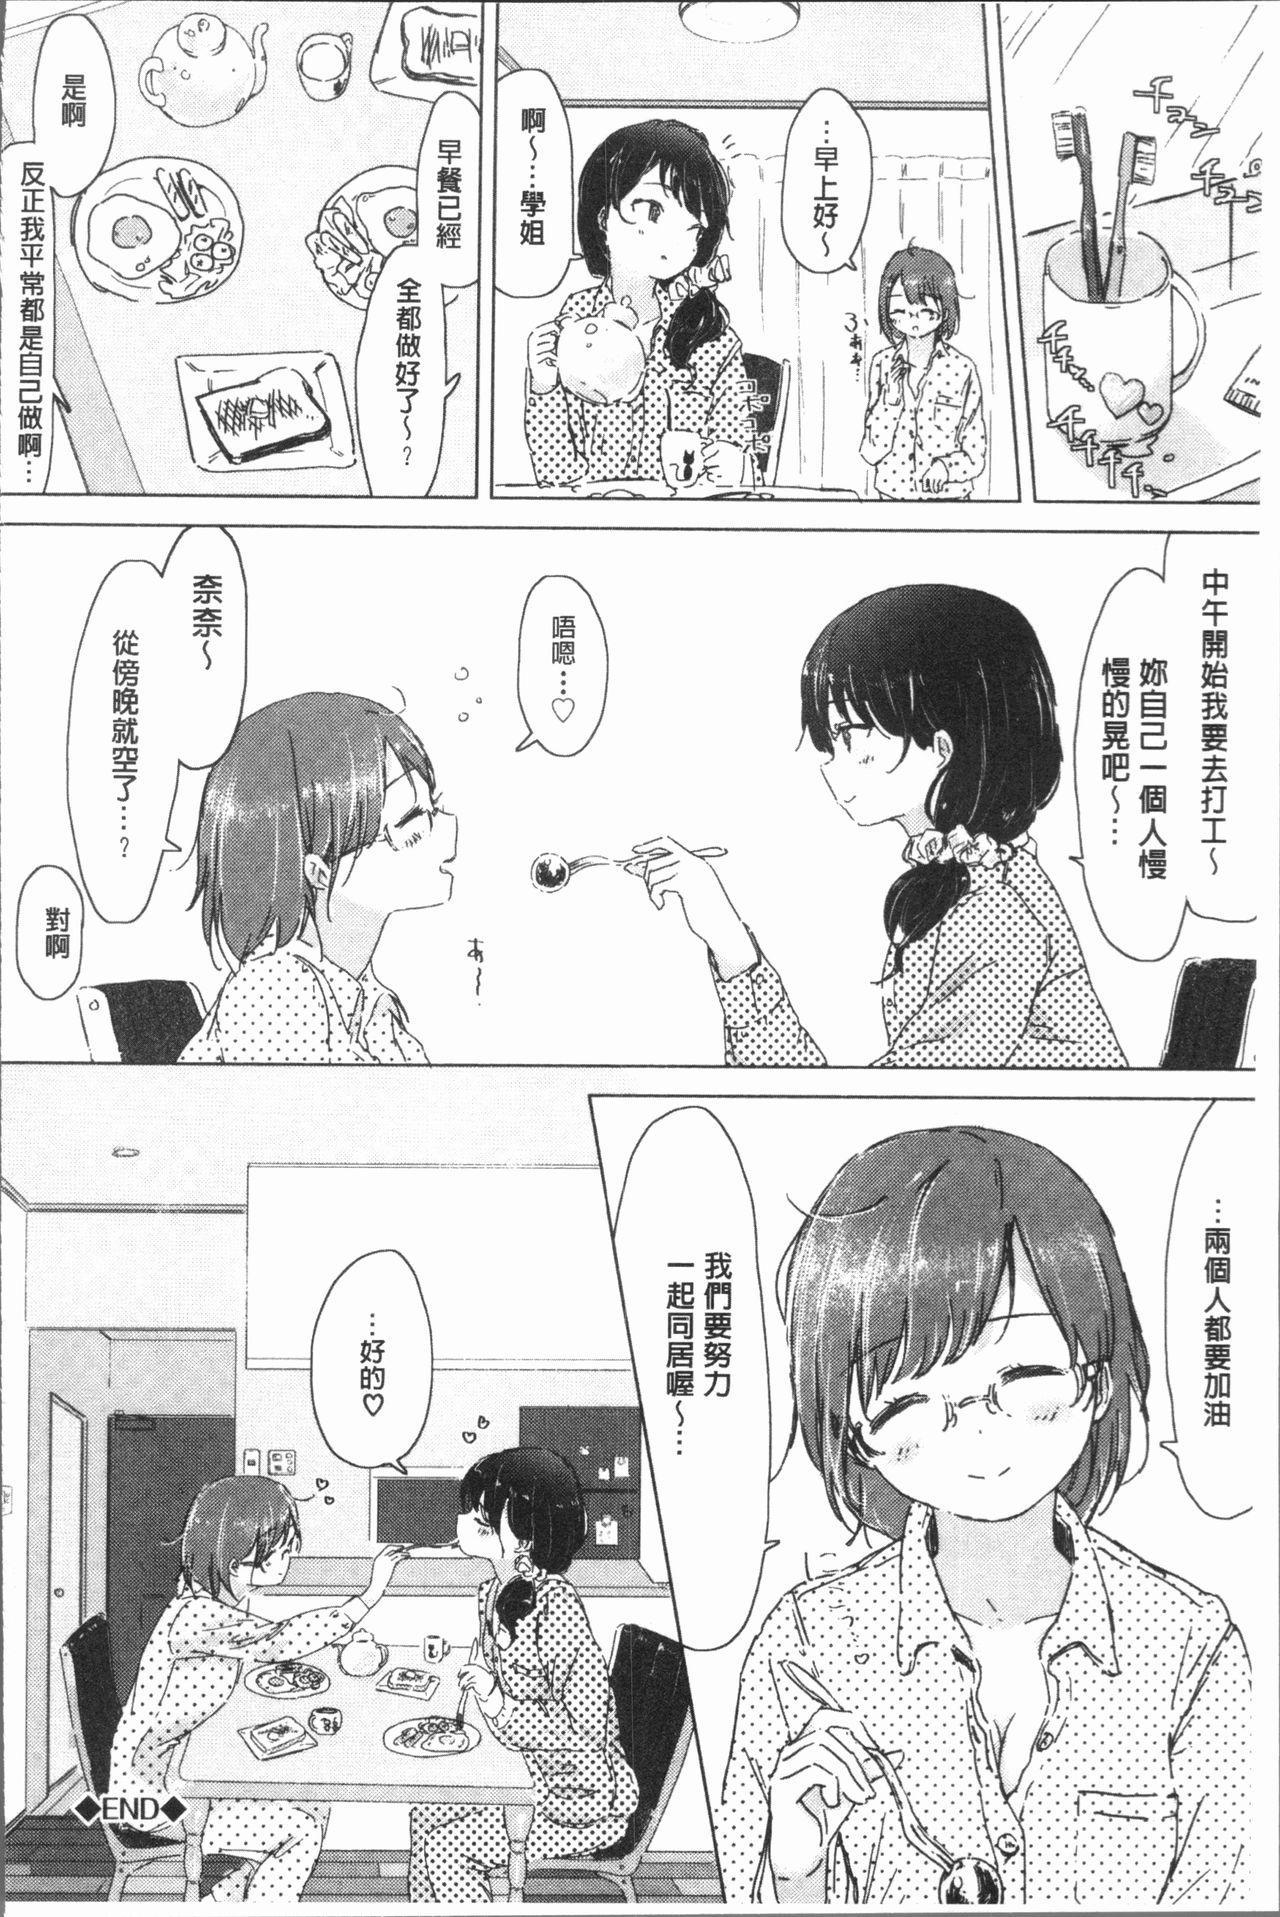 Yuri no Tsubomi ga Saku Koro ni 183